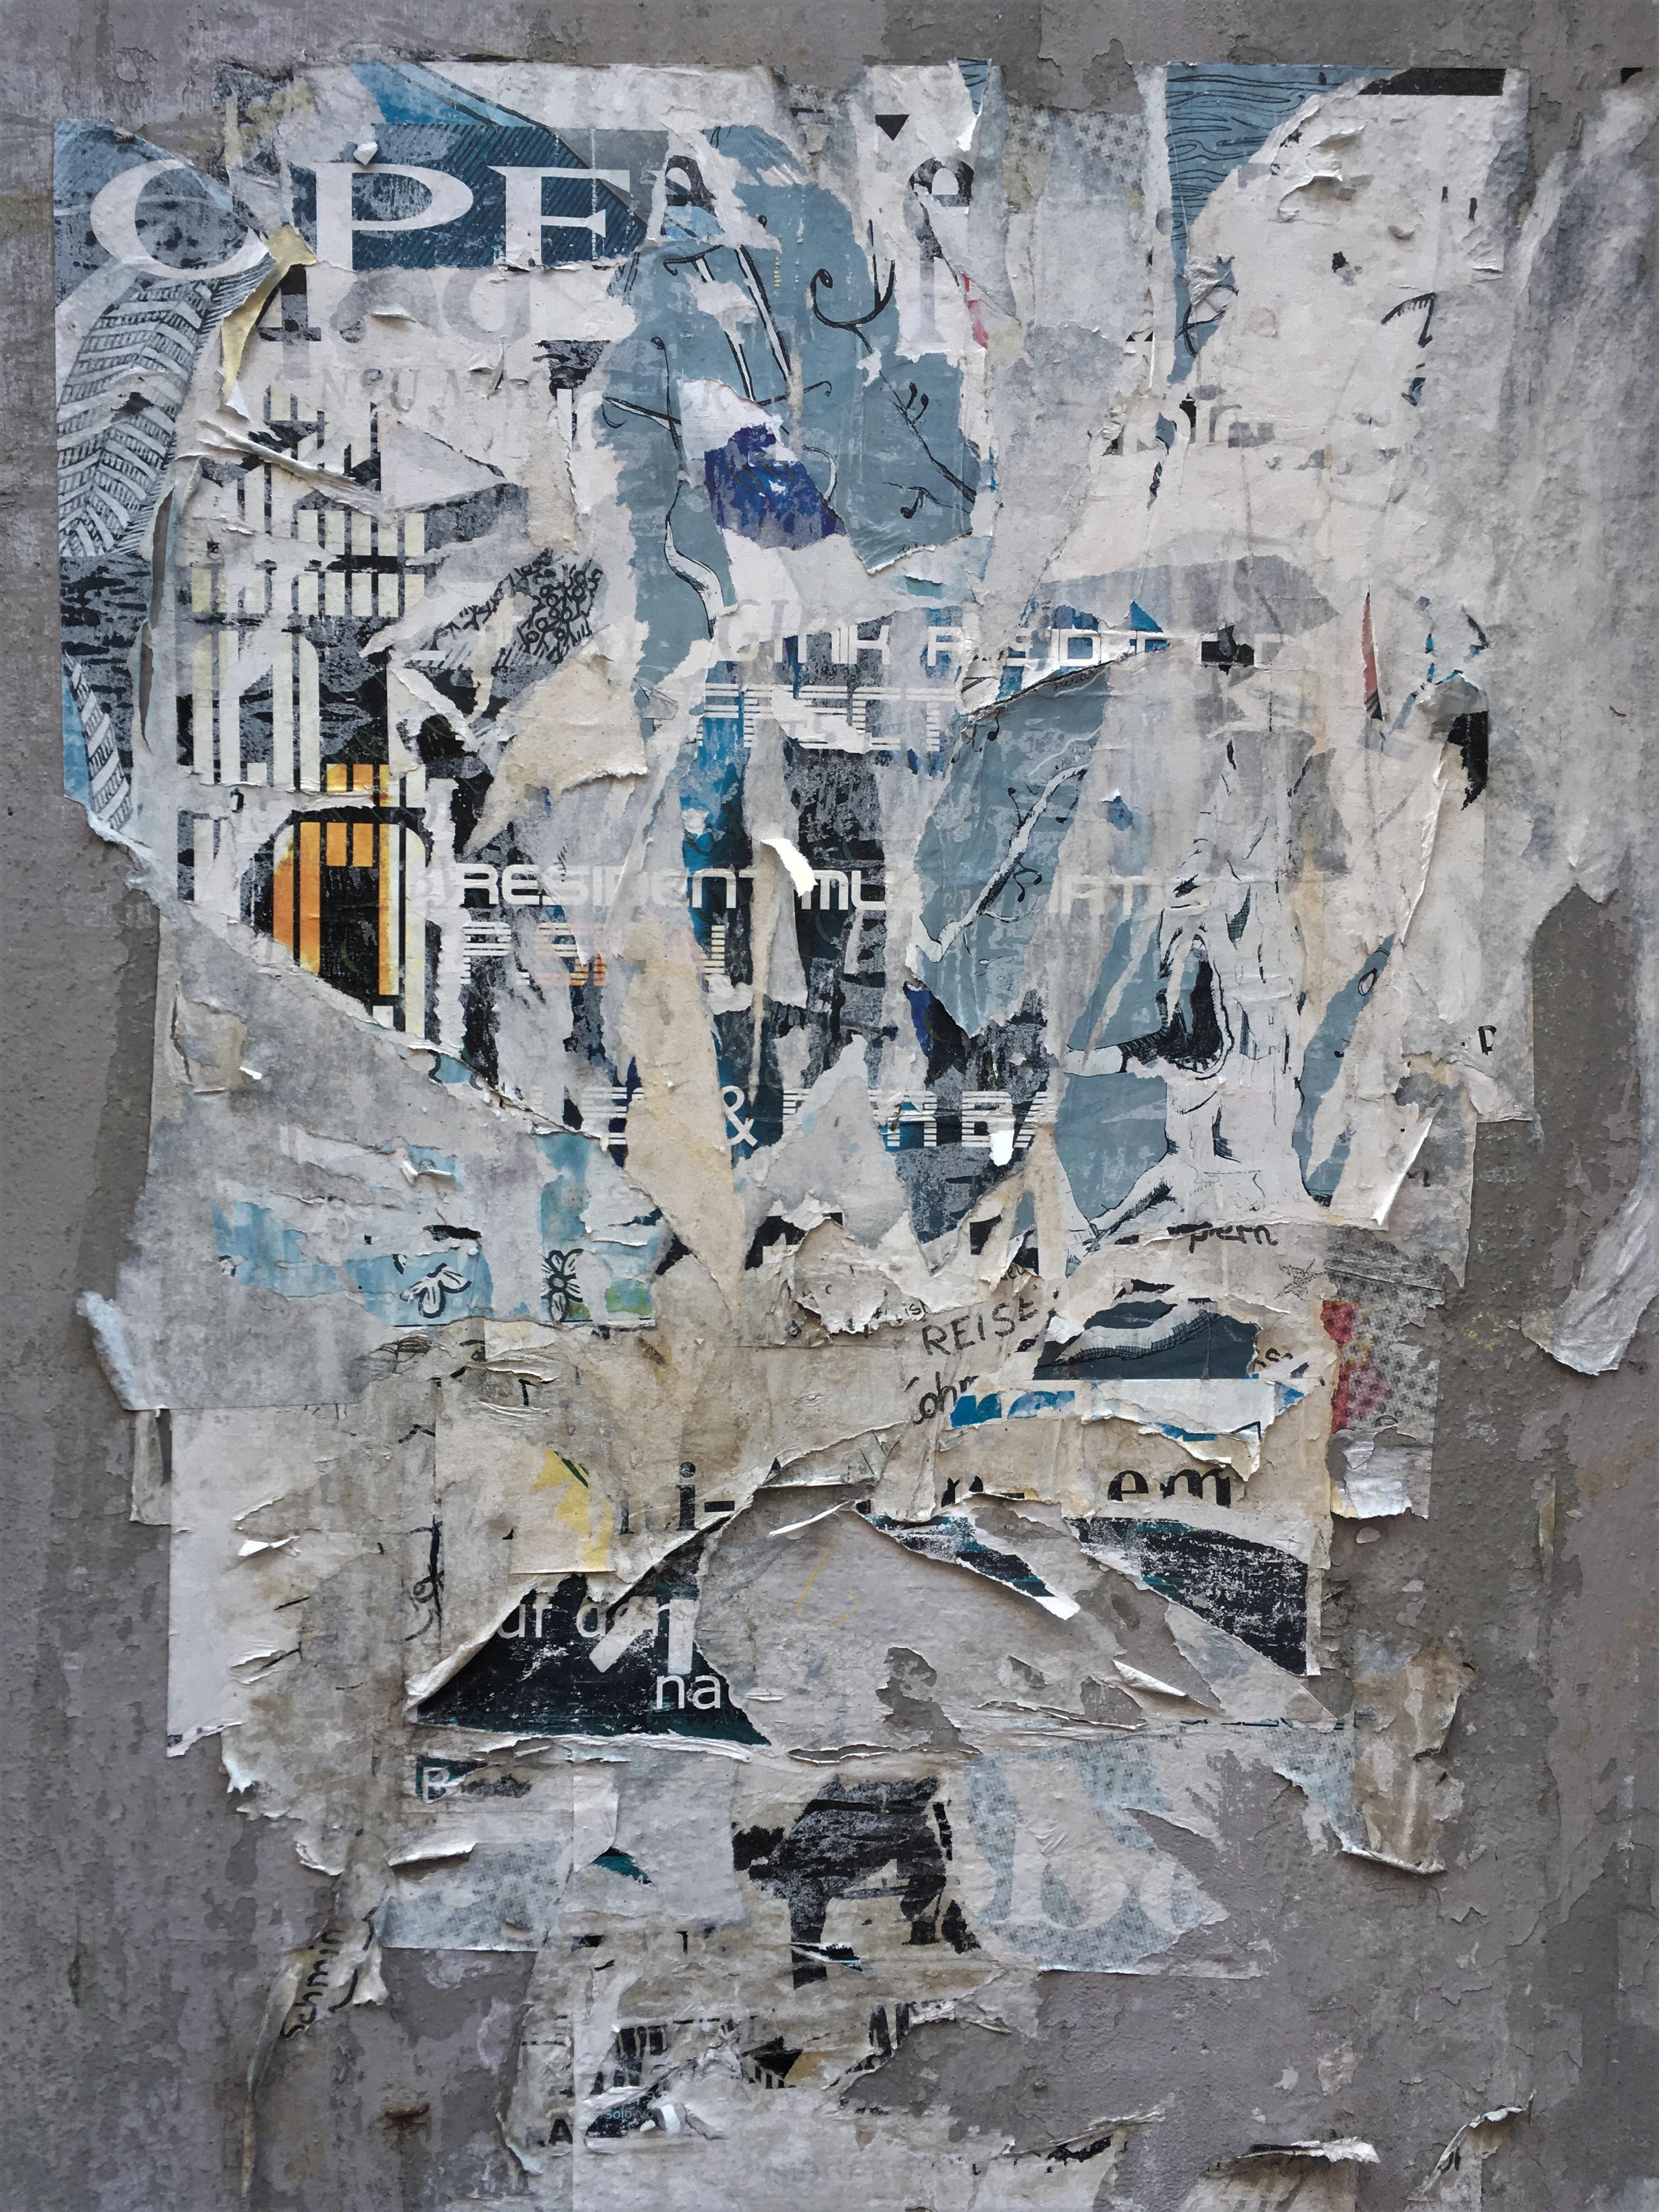 Poster & Plakate in der kleinen Ulrichstraße in Halle/Saale / (C) Marcus Pape